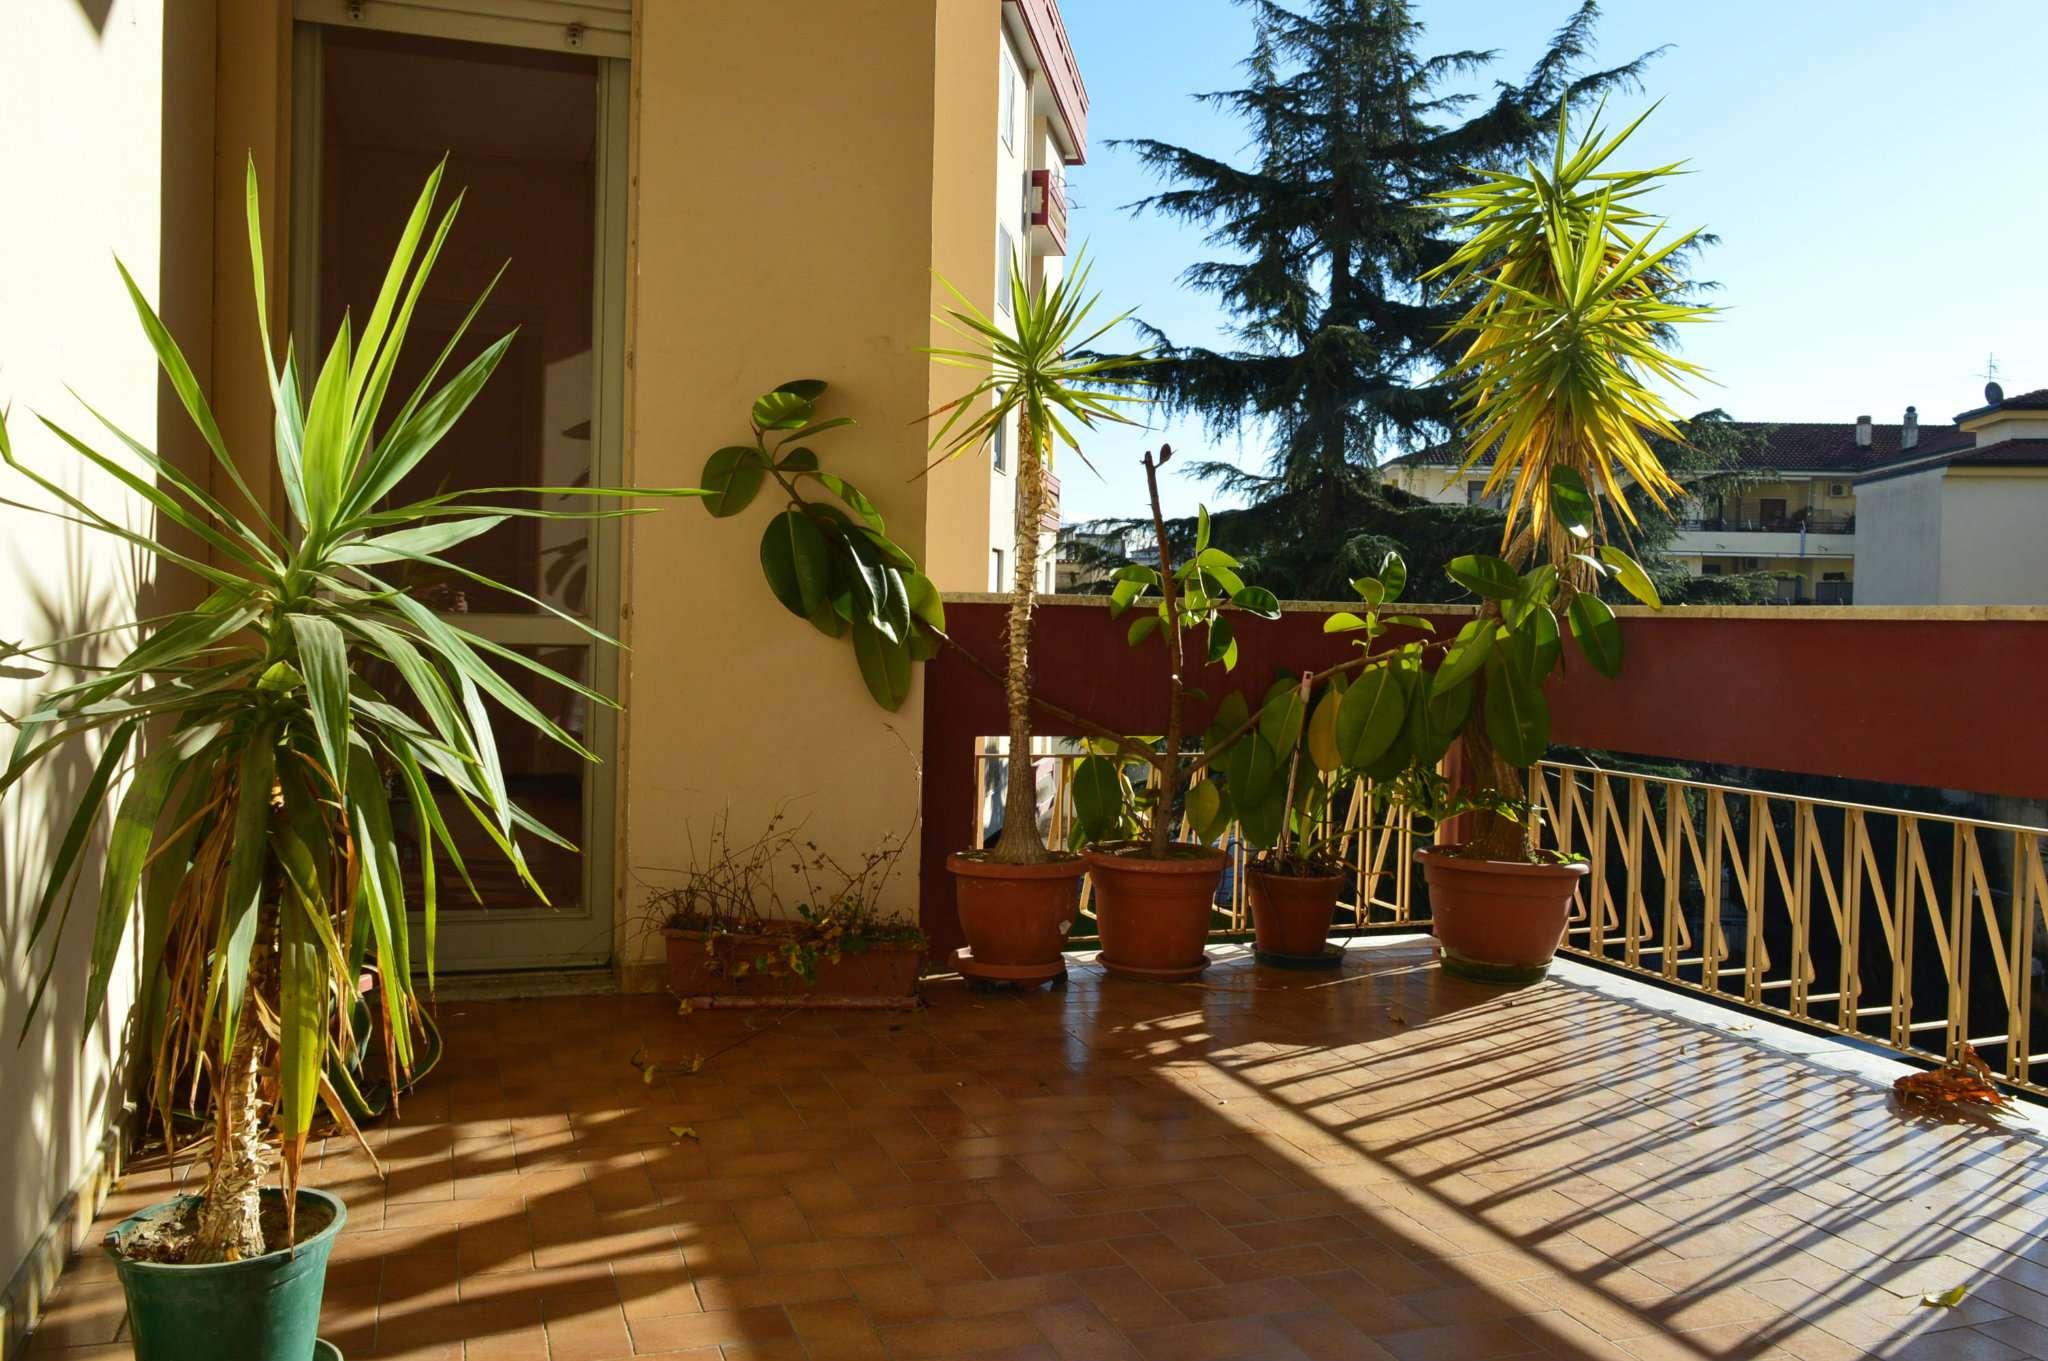 Foto 1 di Appartamento via 1955081 Avezzana, Santa Maria Capua Vetere